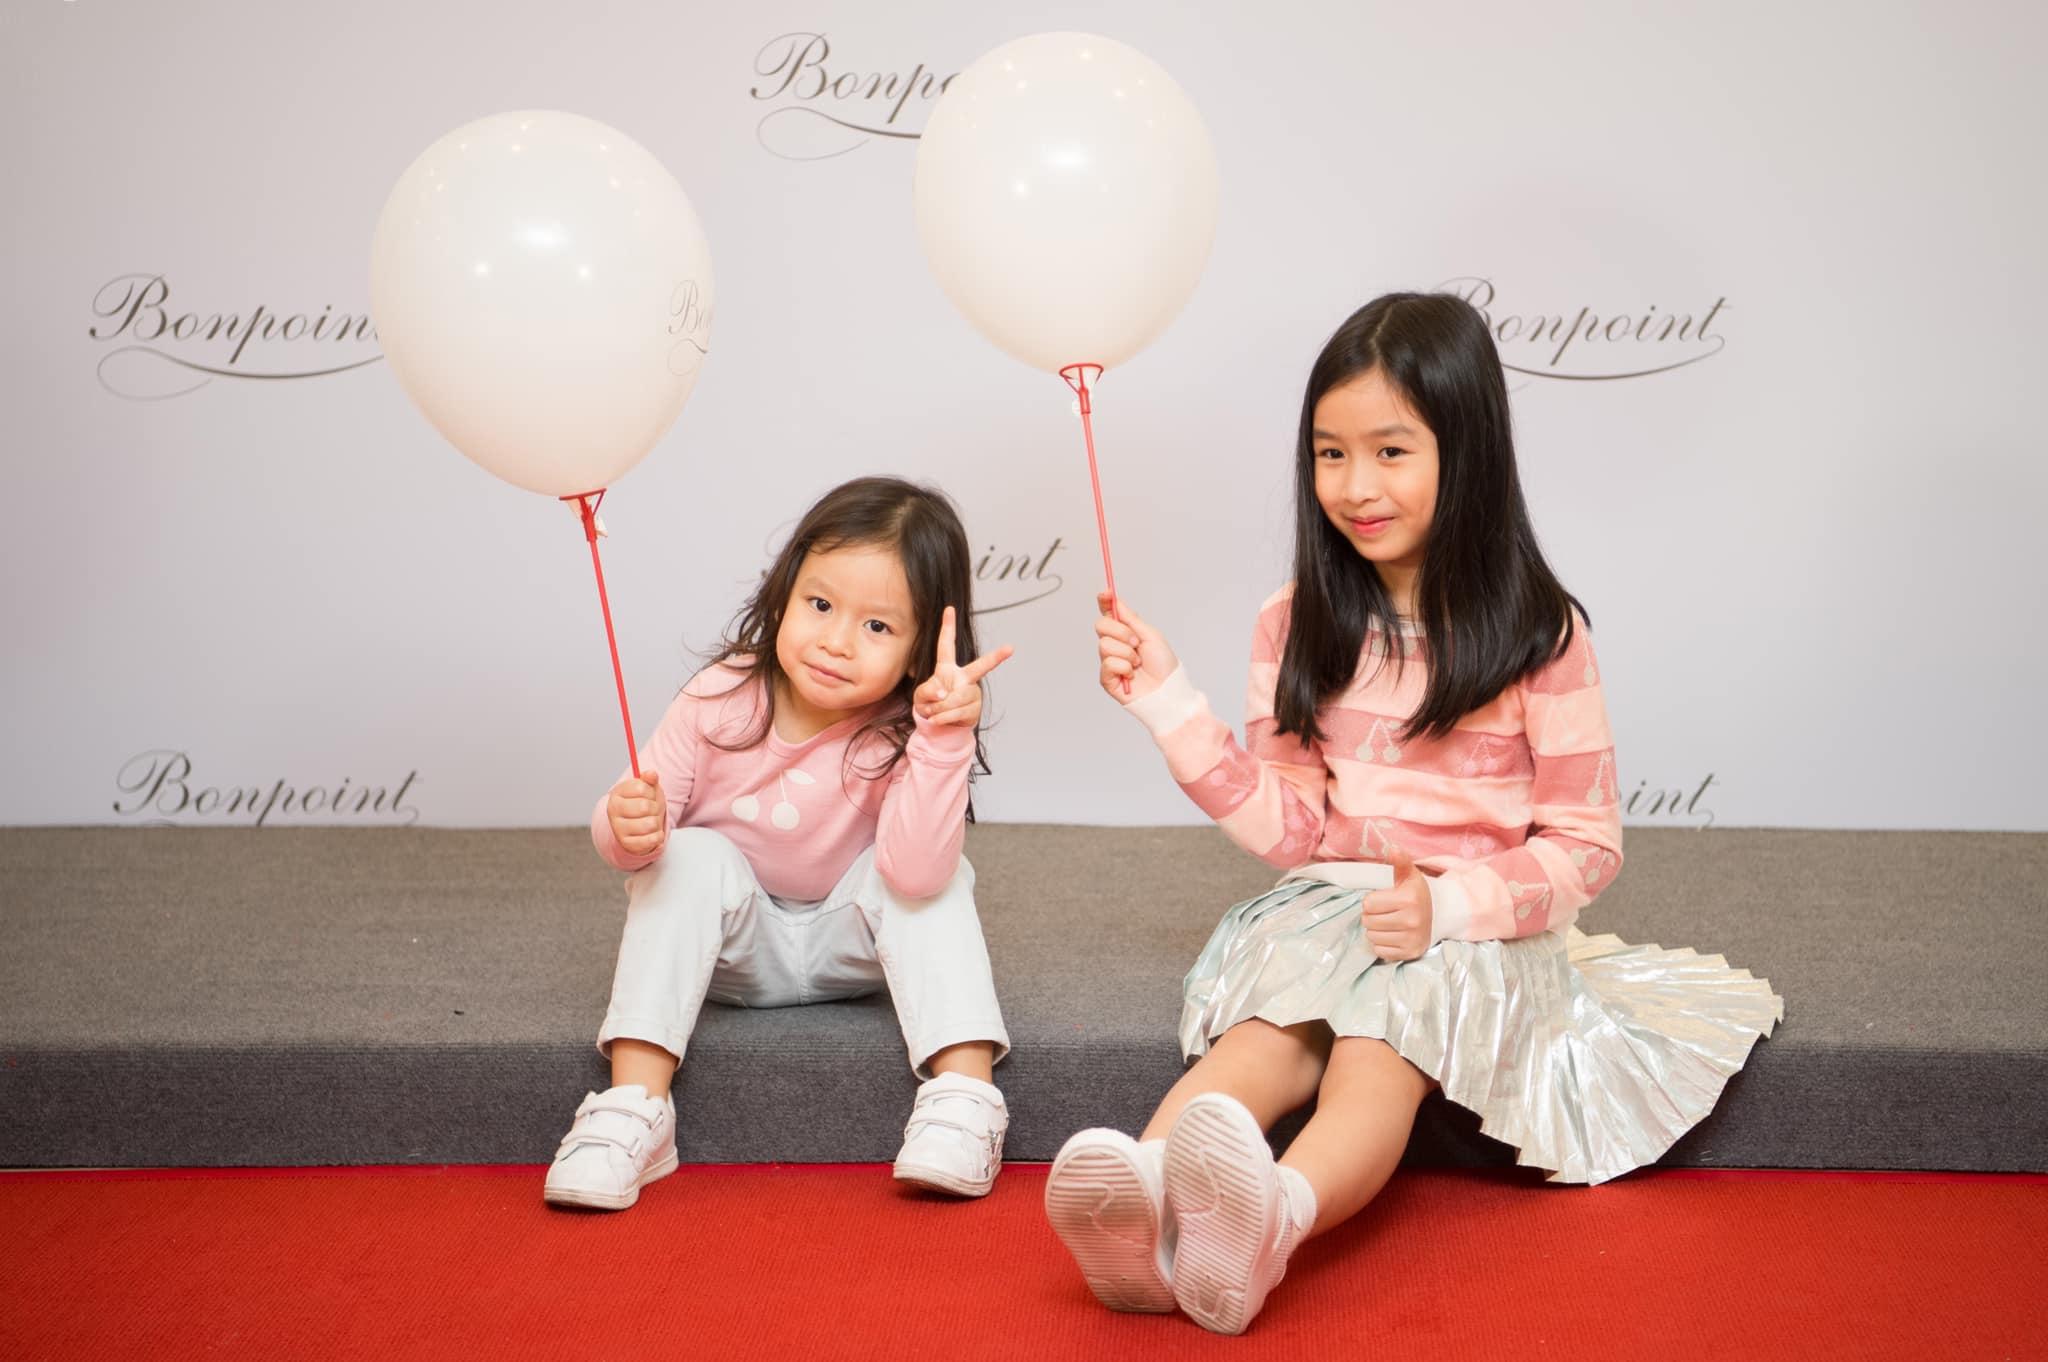 Ái nữ nhà Lưu Hương Giang: Mới 8 tuổi đã xinh xắn ra dáng mỹ nhân 4